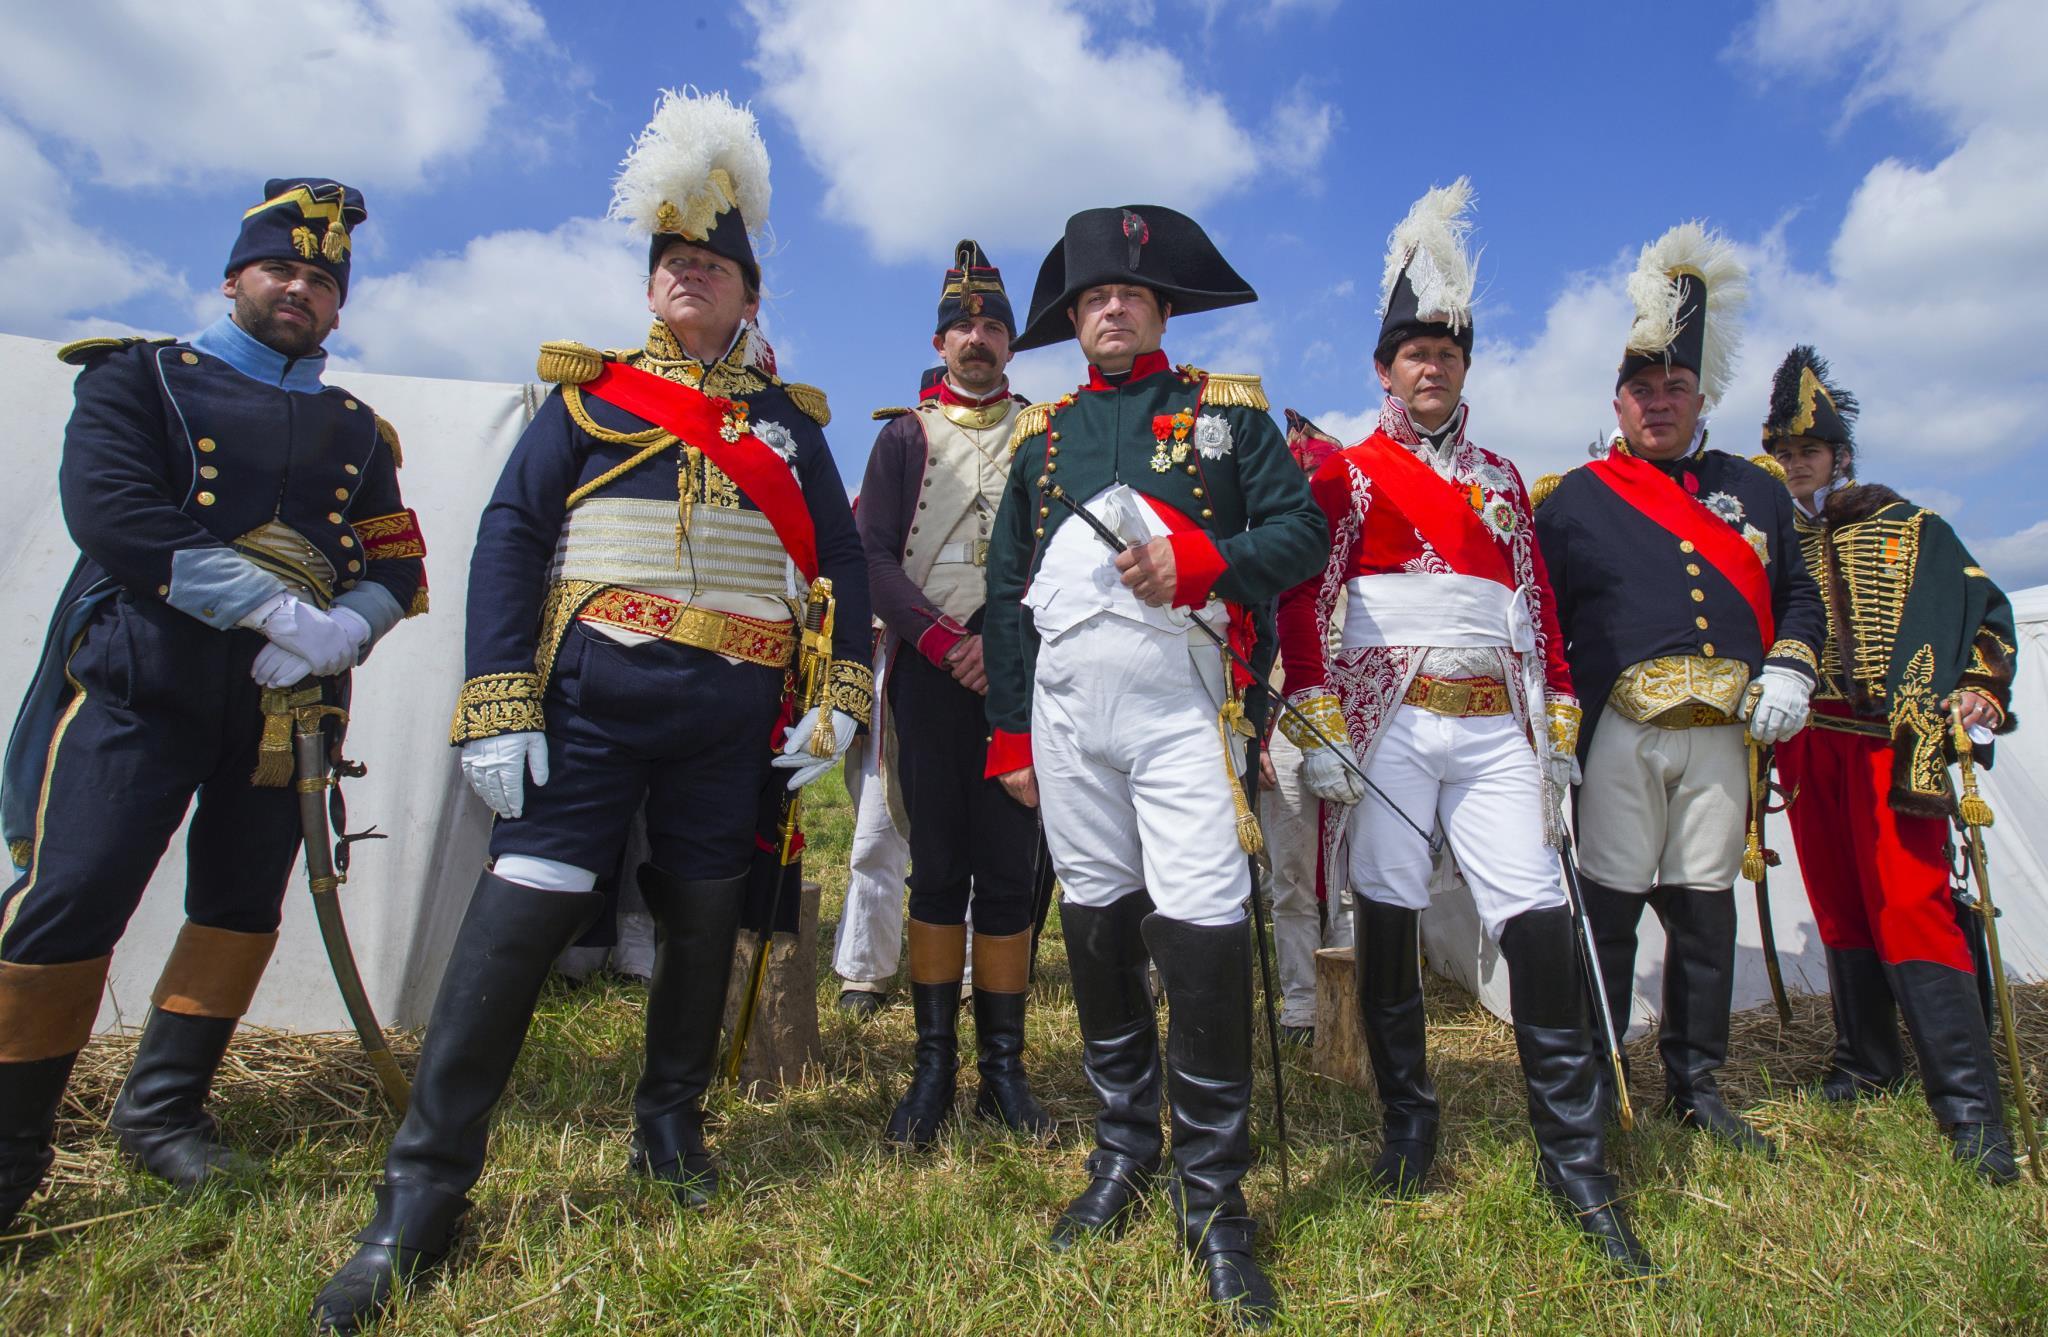 Waterloo: De la caída de Napoleón al auge de las monarquías absolutas